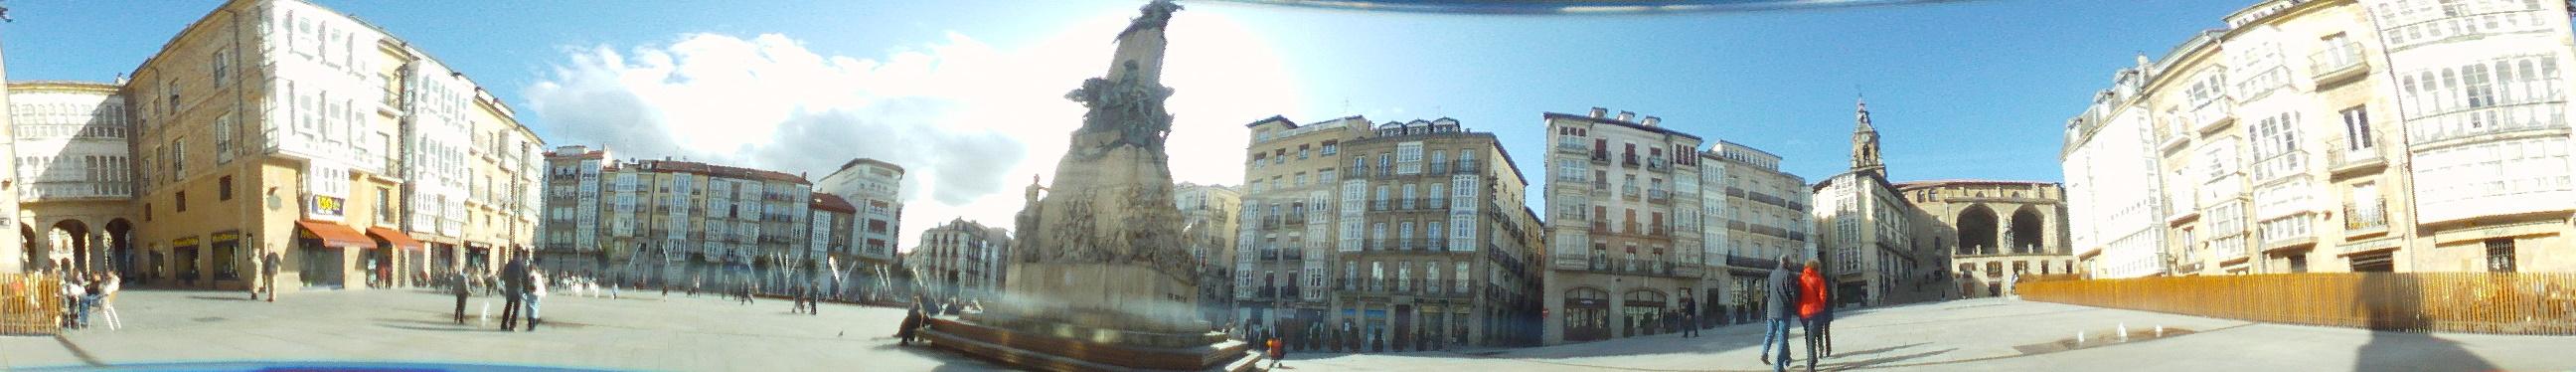 Plaza de la Virgen Blanca de Vitoria Gasteiz a 360 grados